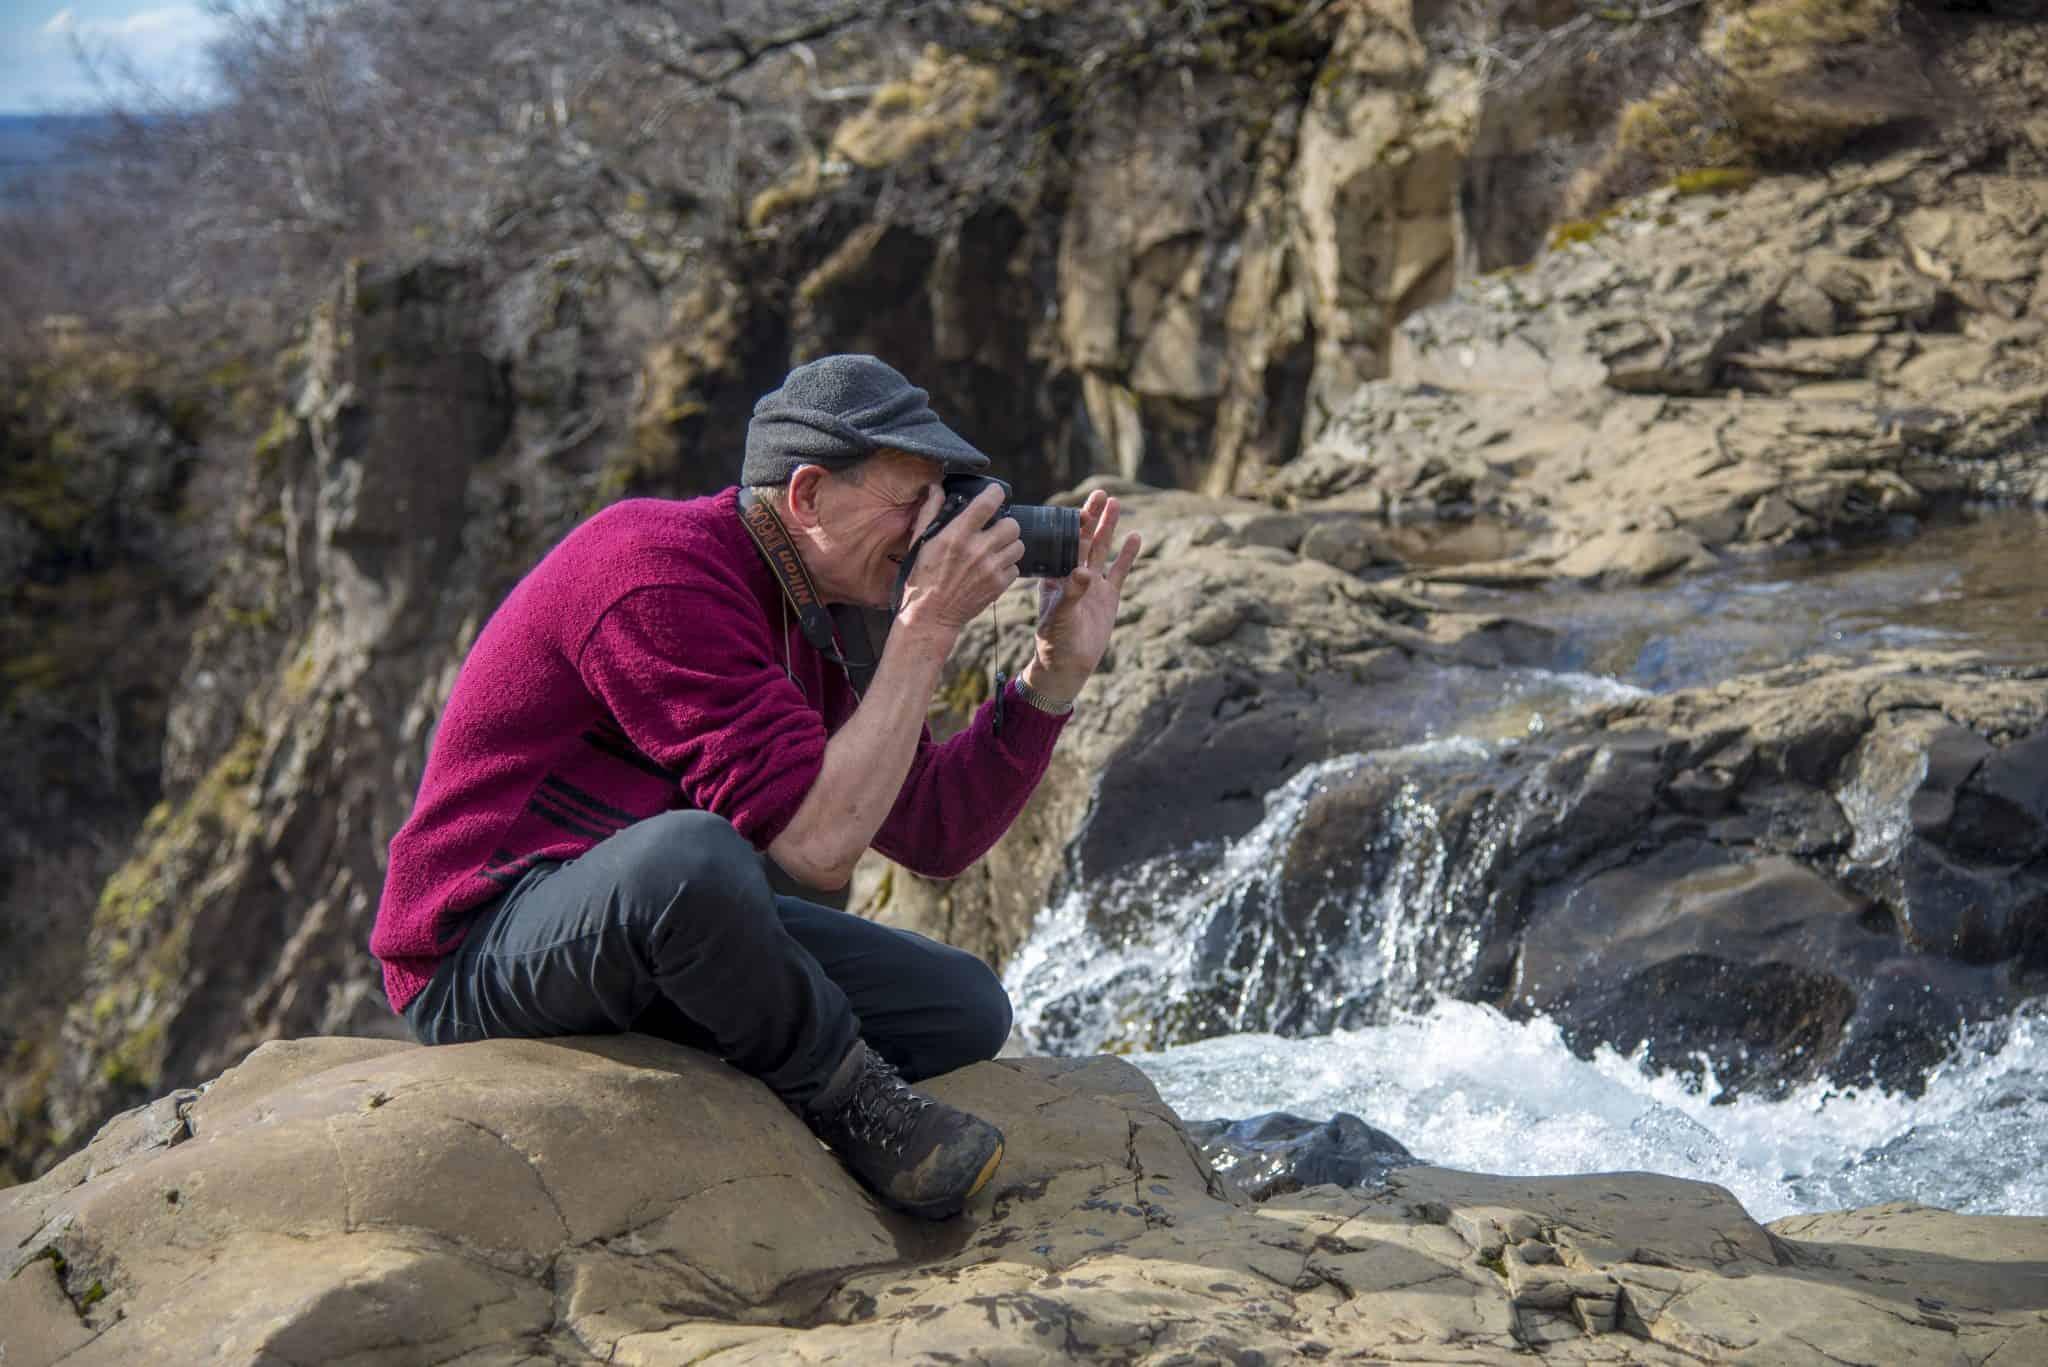 Deelnemer fotografeert waterval tijdens fotoreis IJsland - Fotografie-reizen.nl